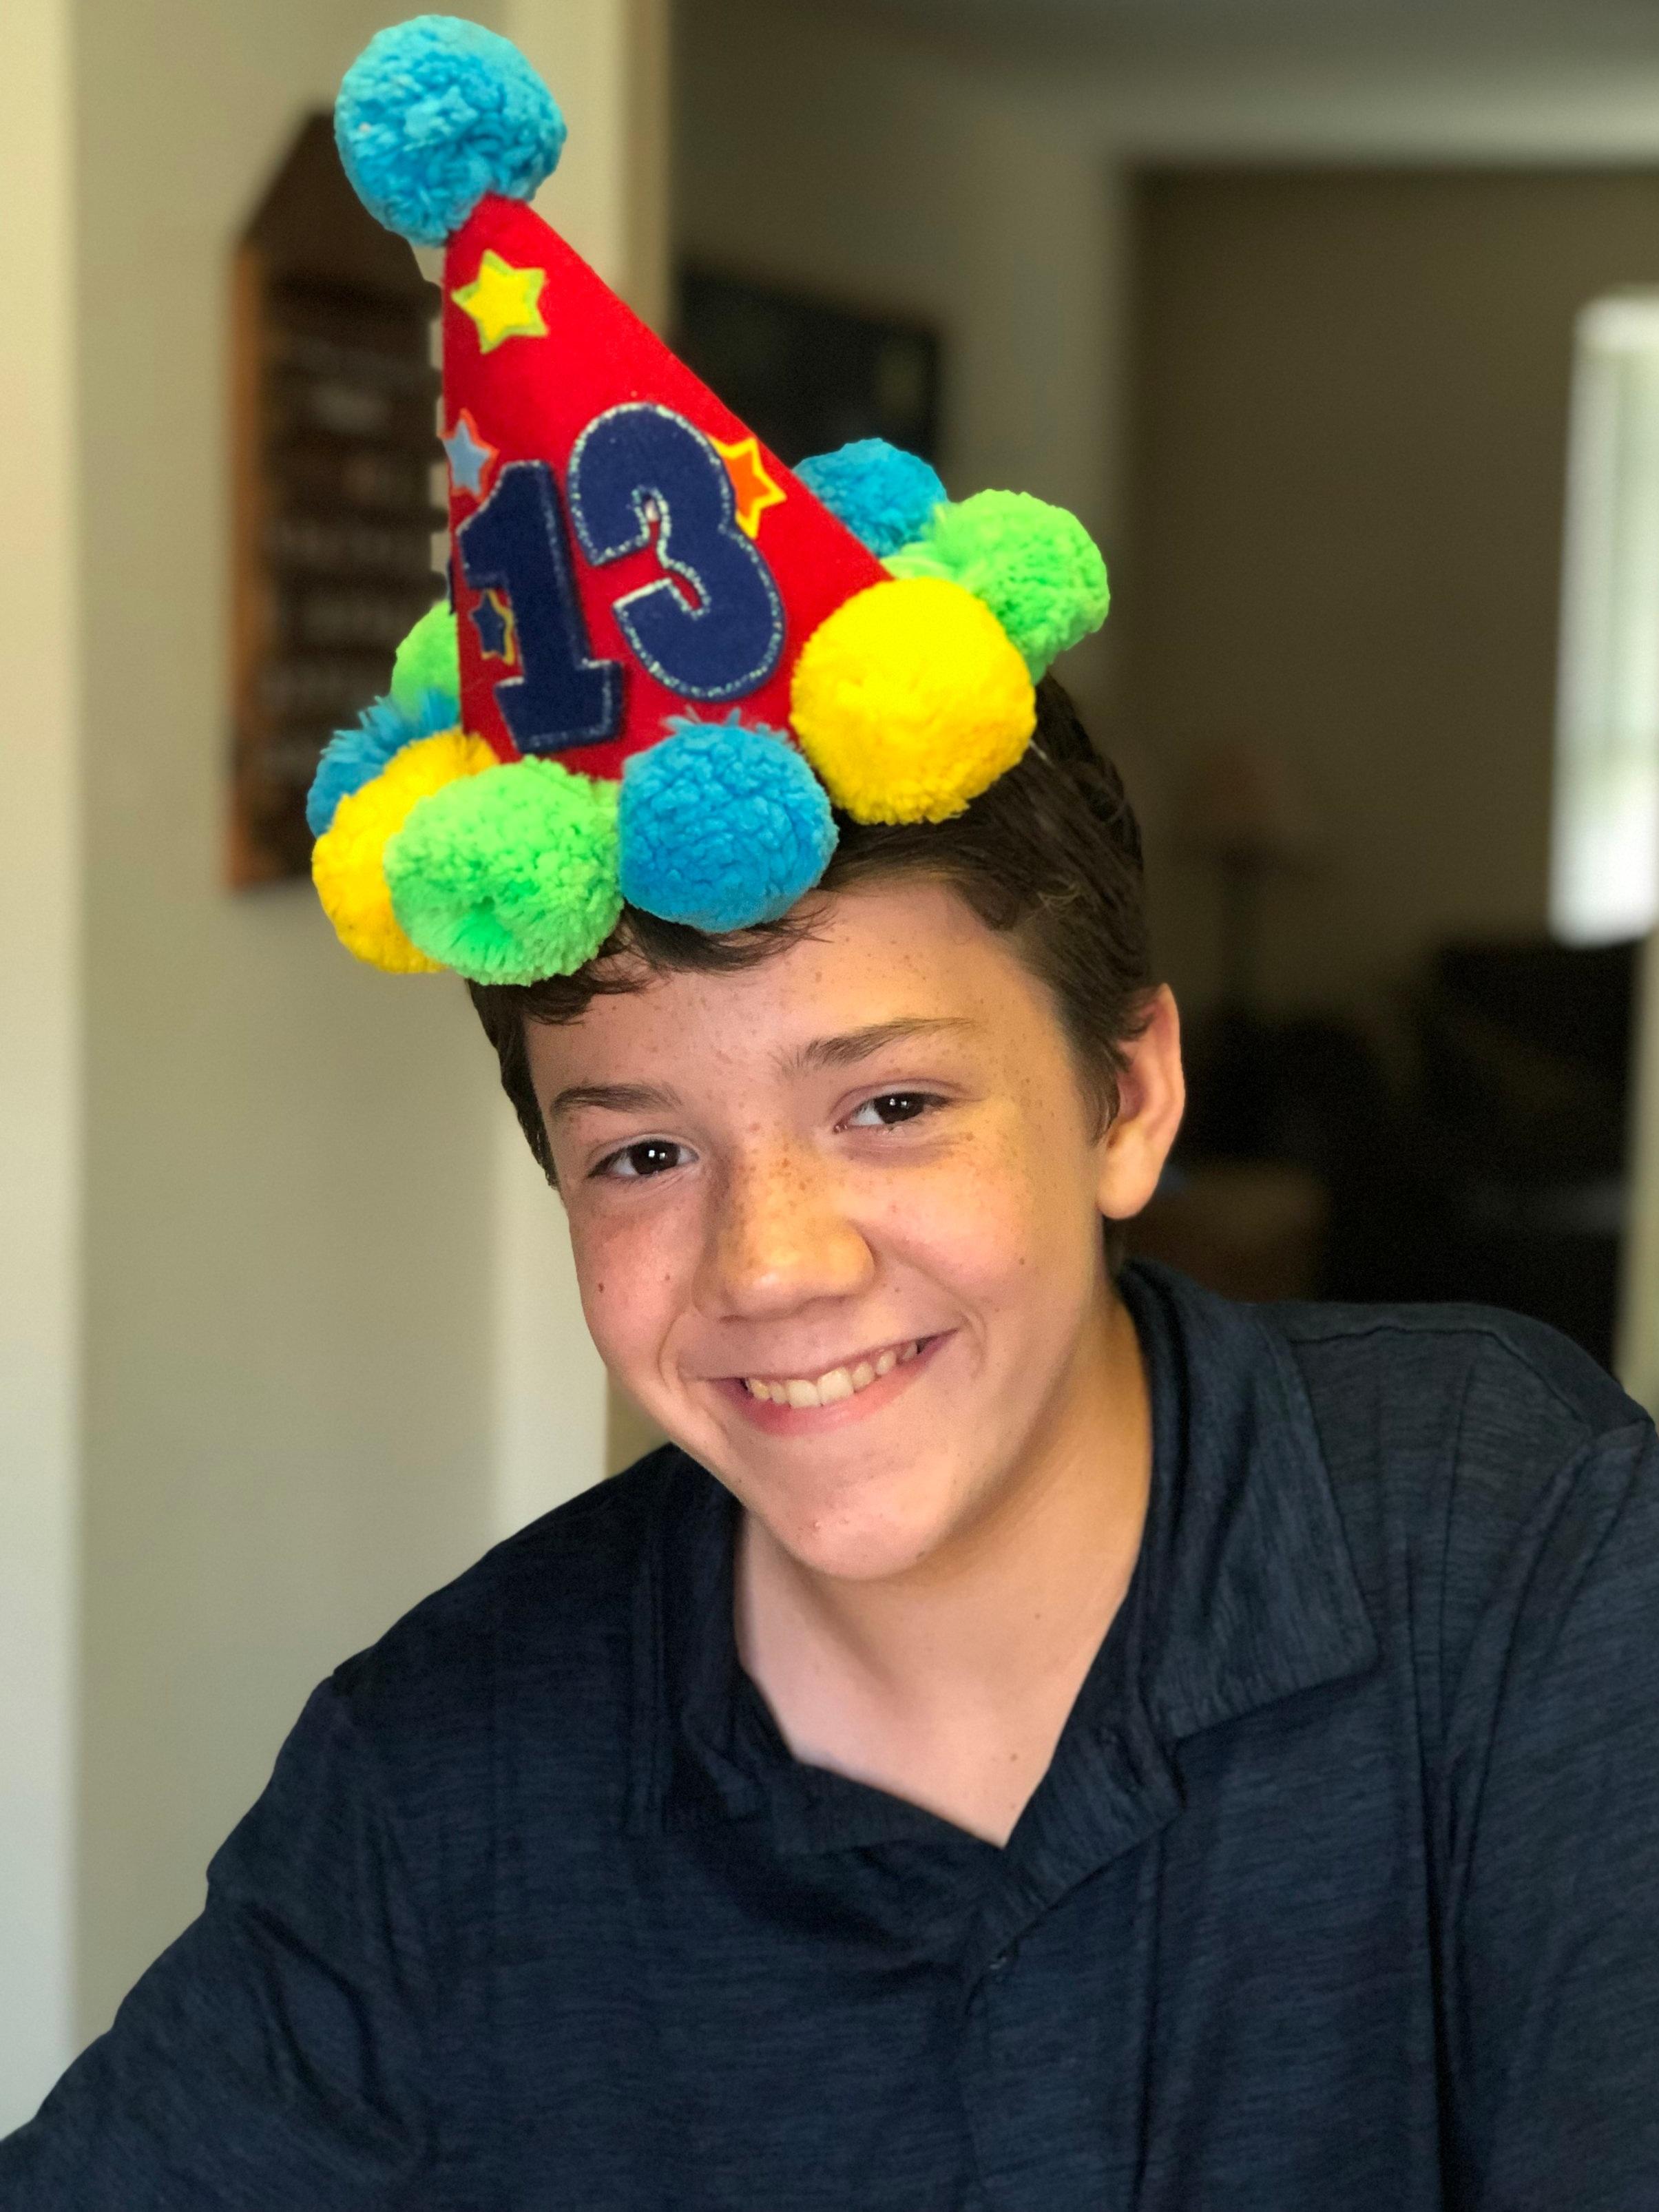 Our Keynan turned 13 this week.